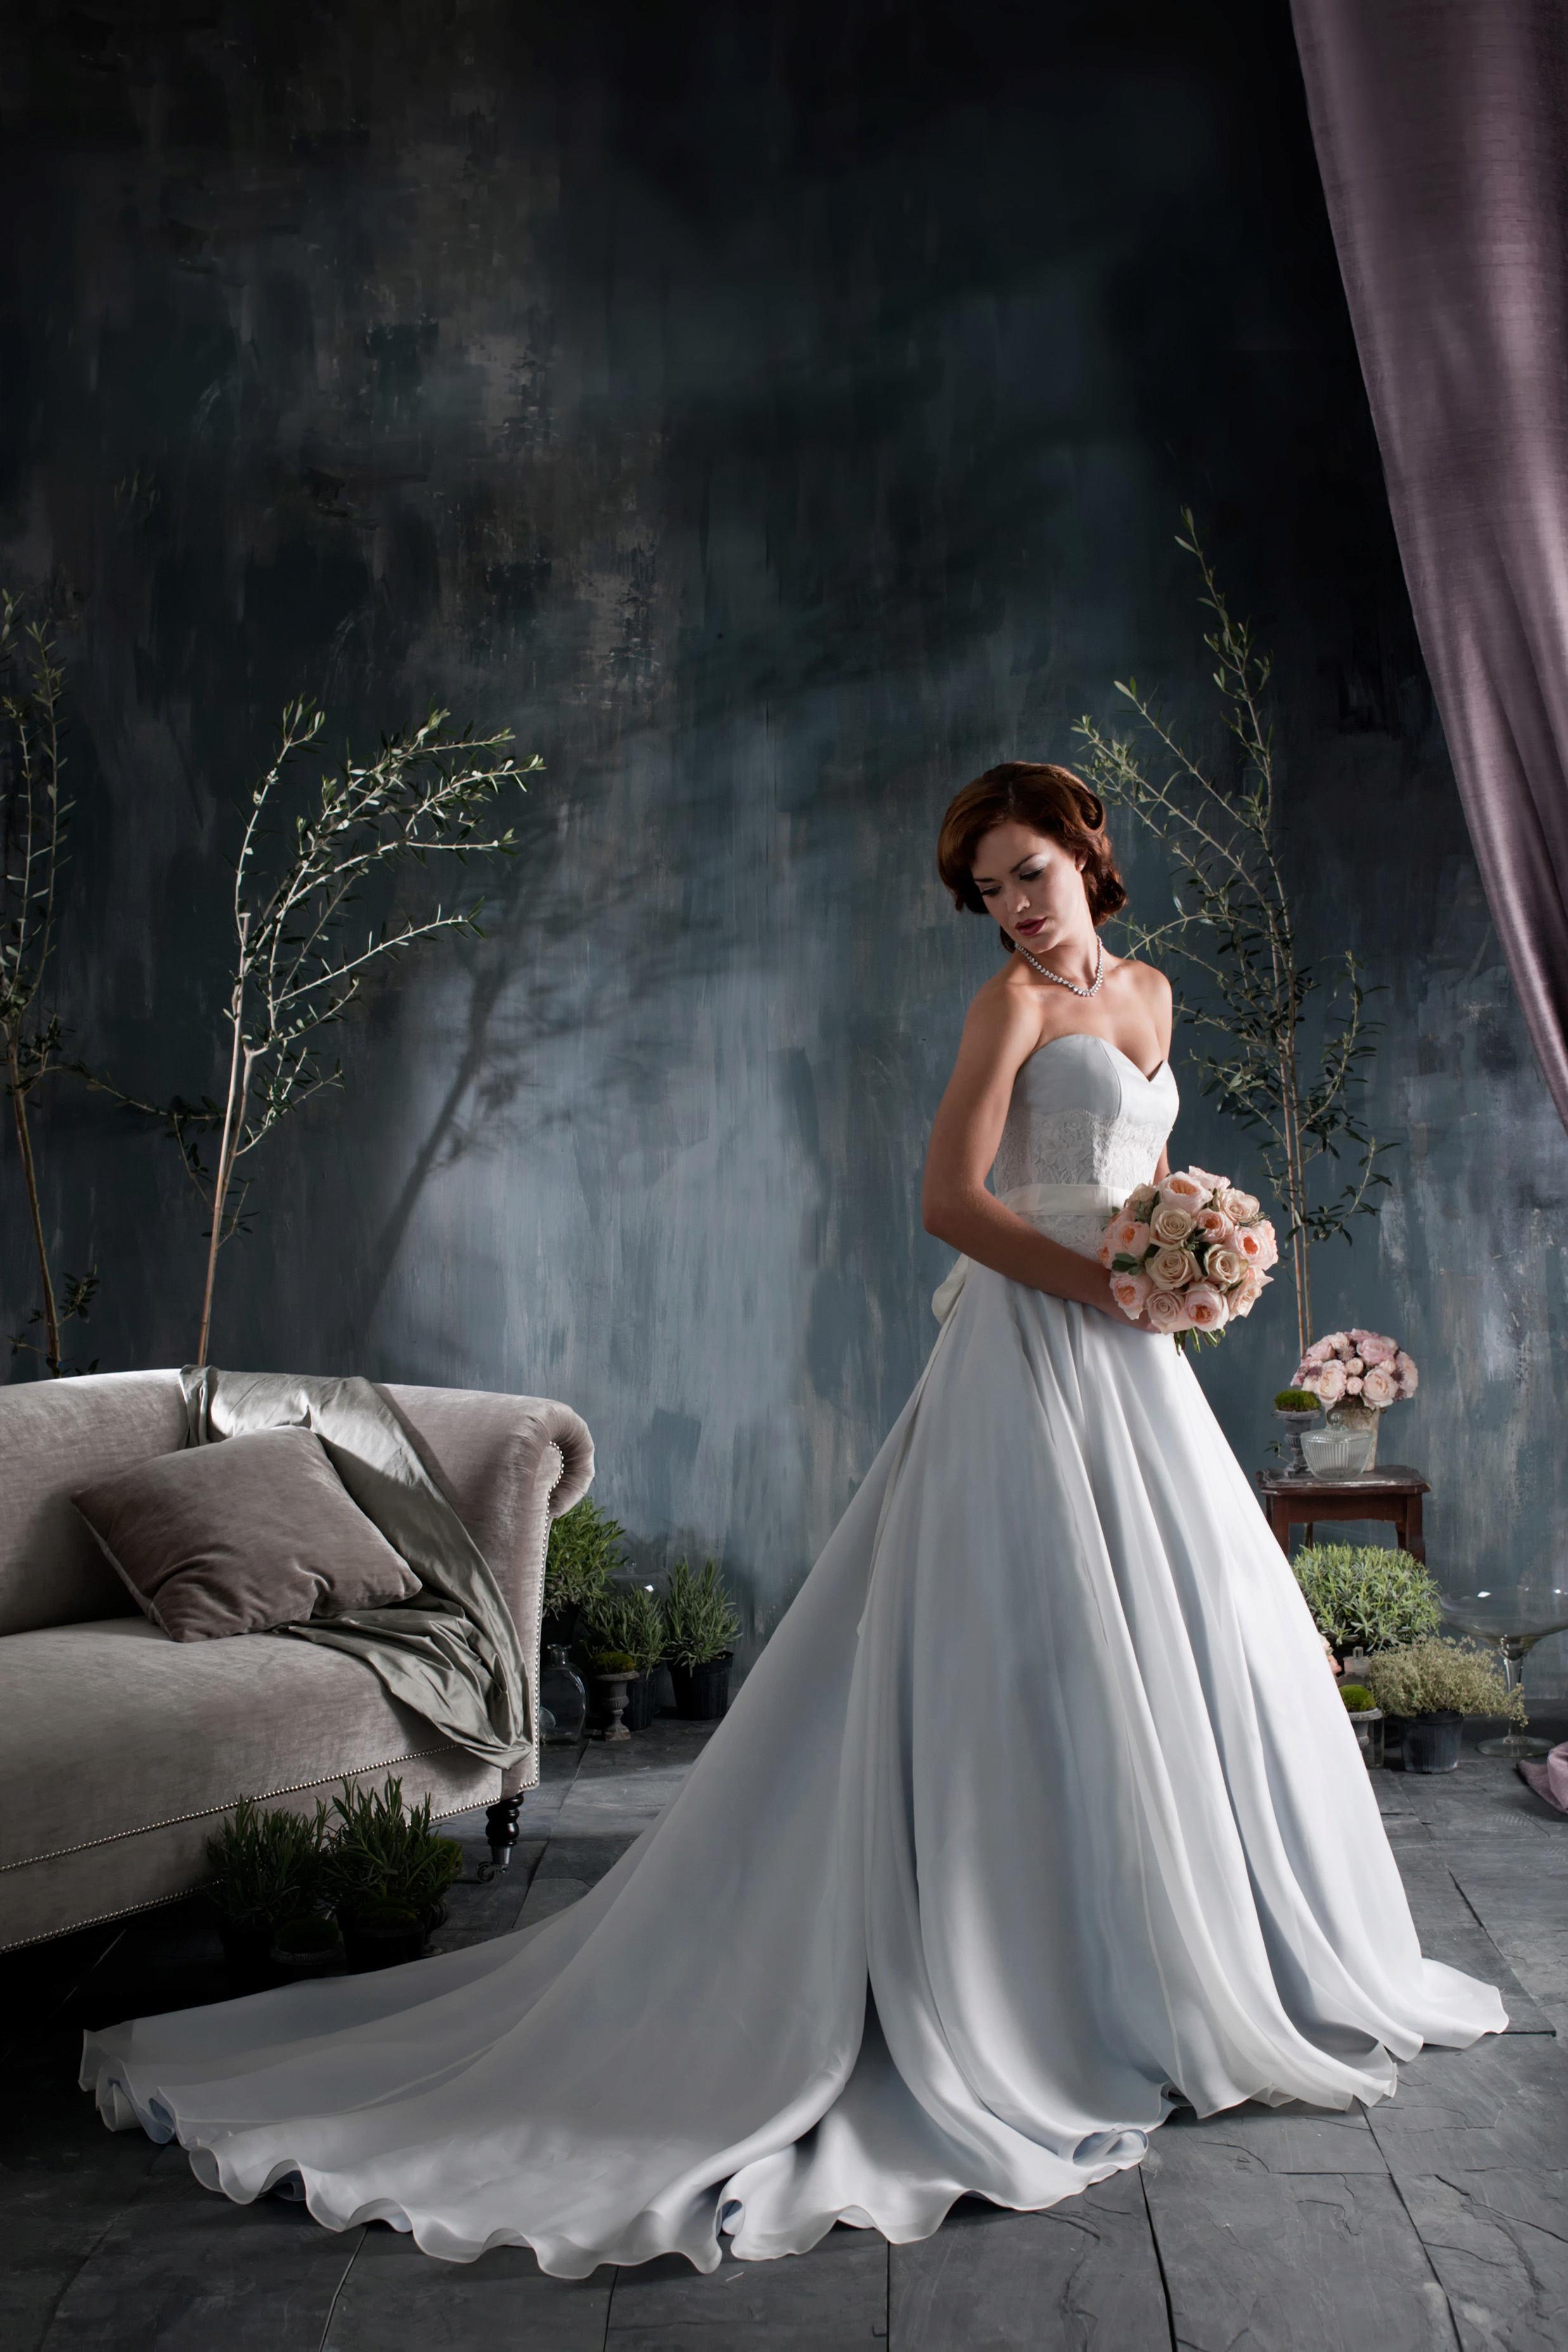 مجموعة فساتين زفاف متنوعة P_151236